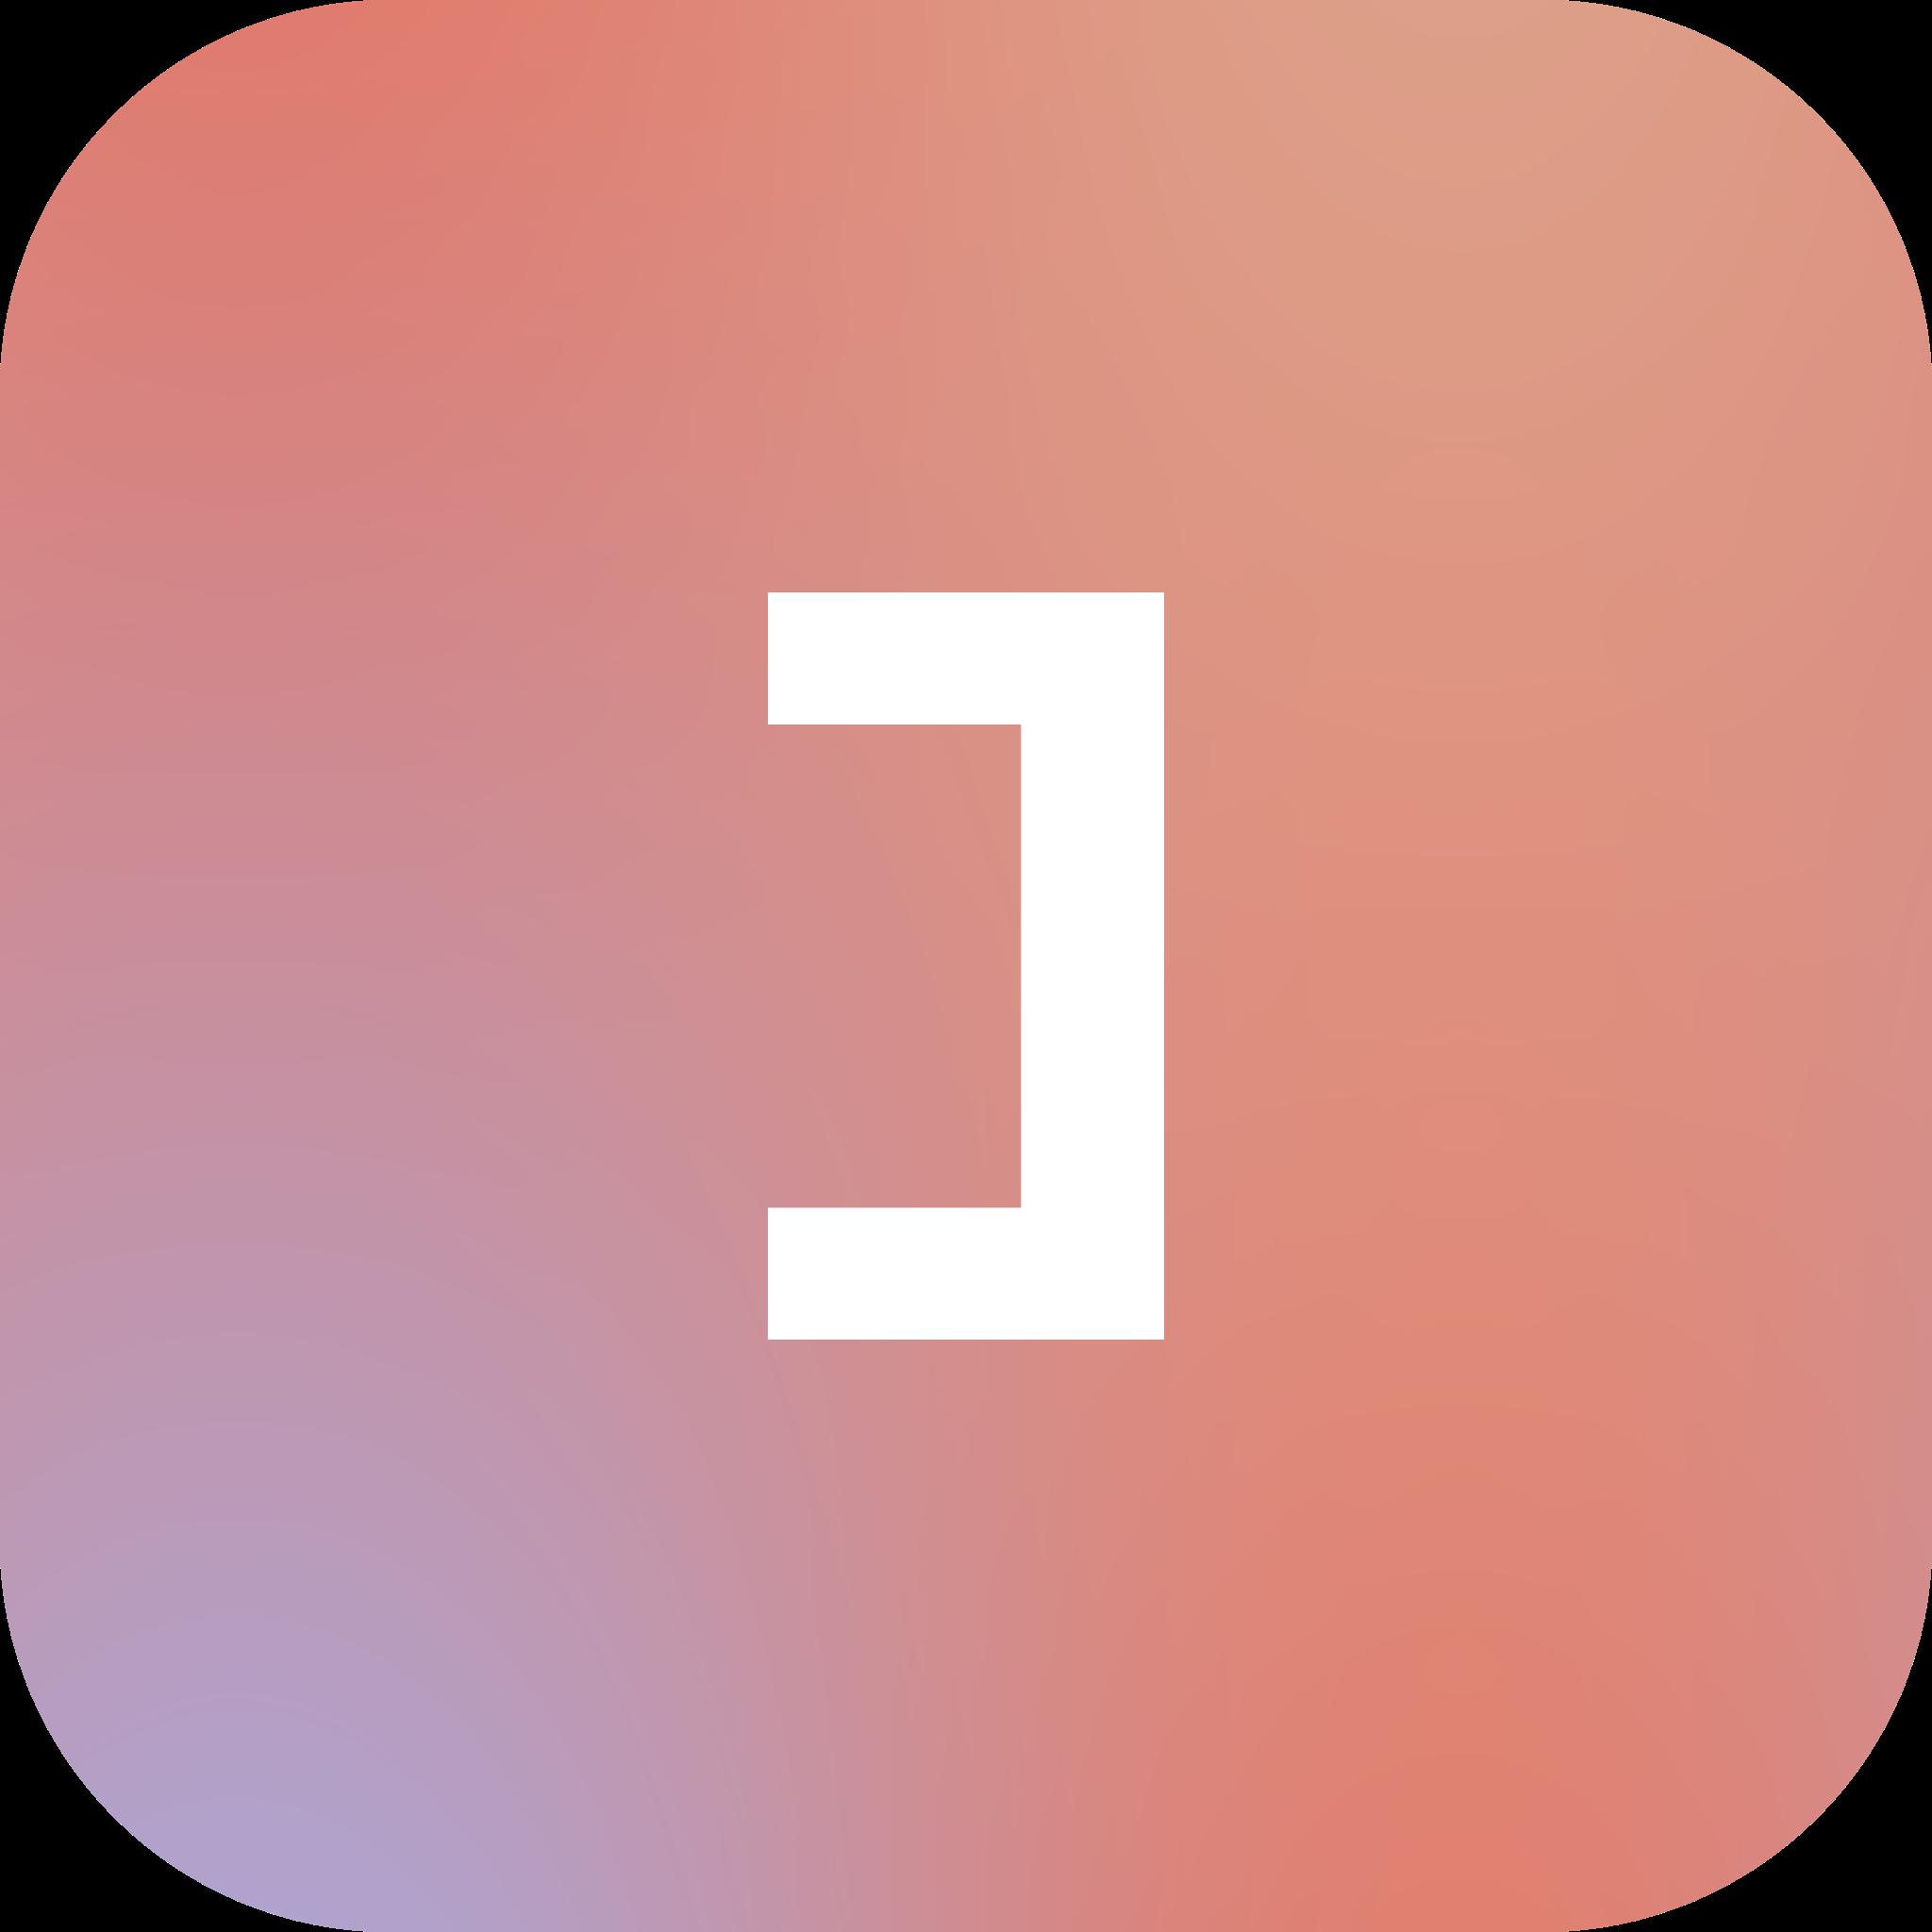 Jadu_App_Icon_Radius